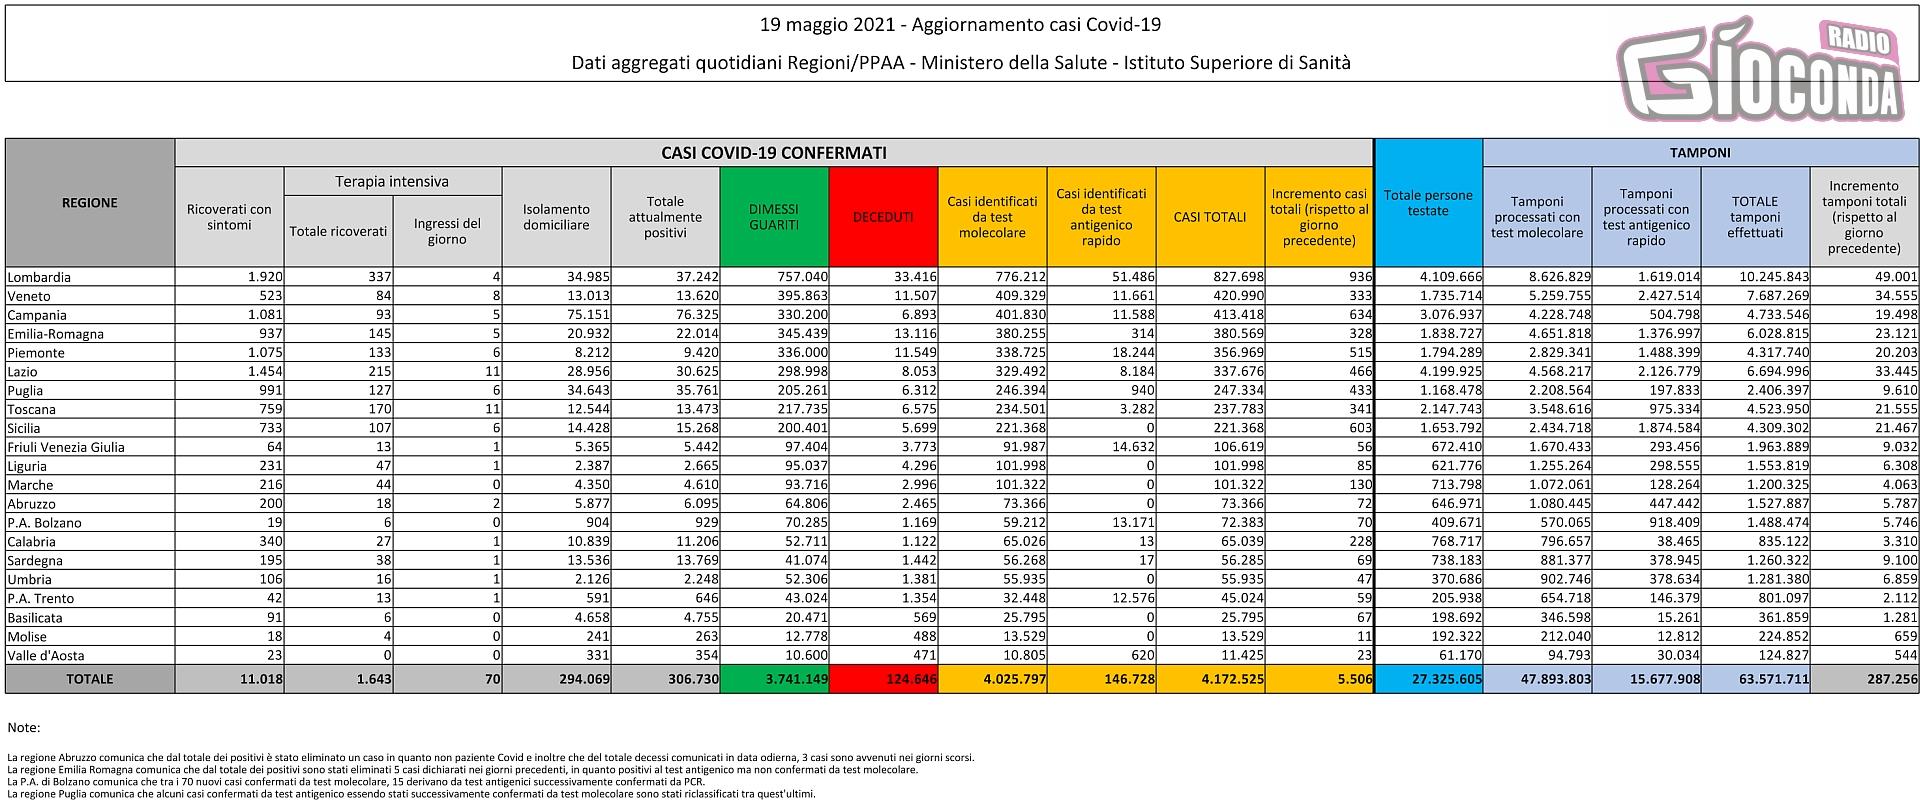 19 maggio 2021 - Aggiornamento casi Covid-19 Dati aggregati quotidiani Regioni/PPAA - Ministero della Salute - Istituto Superiore di Sanità